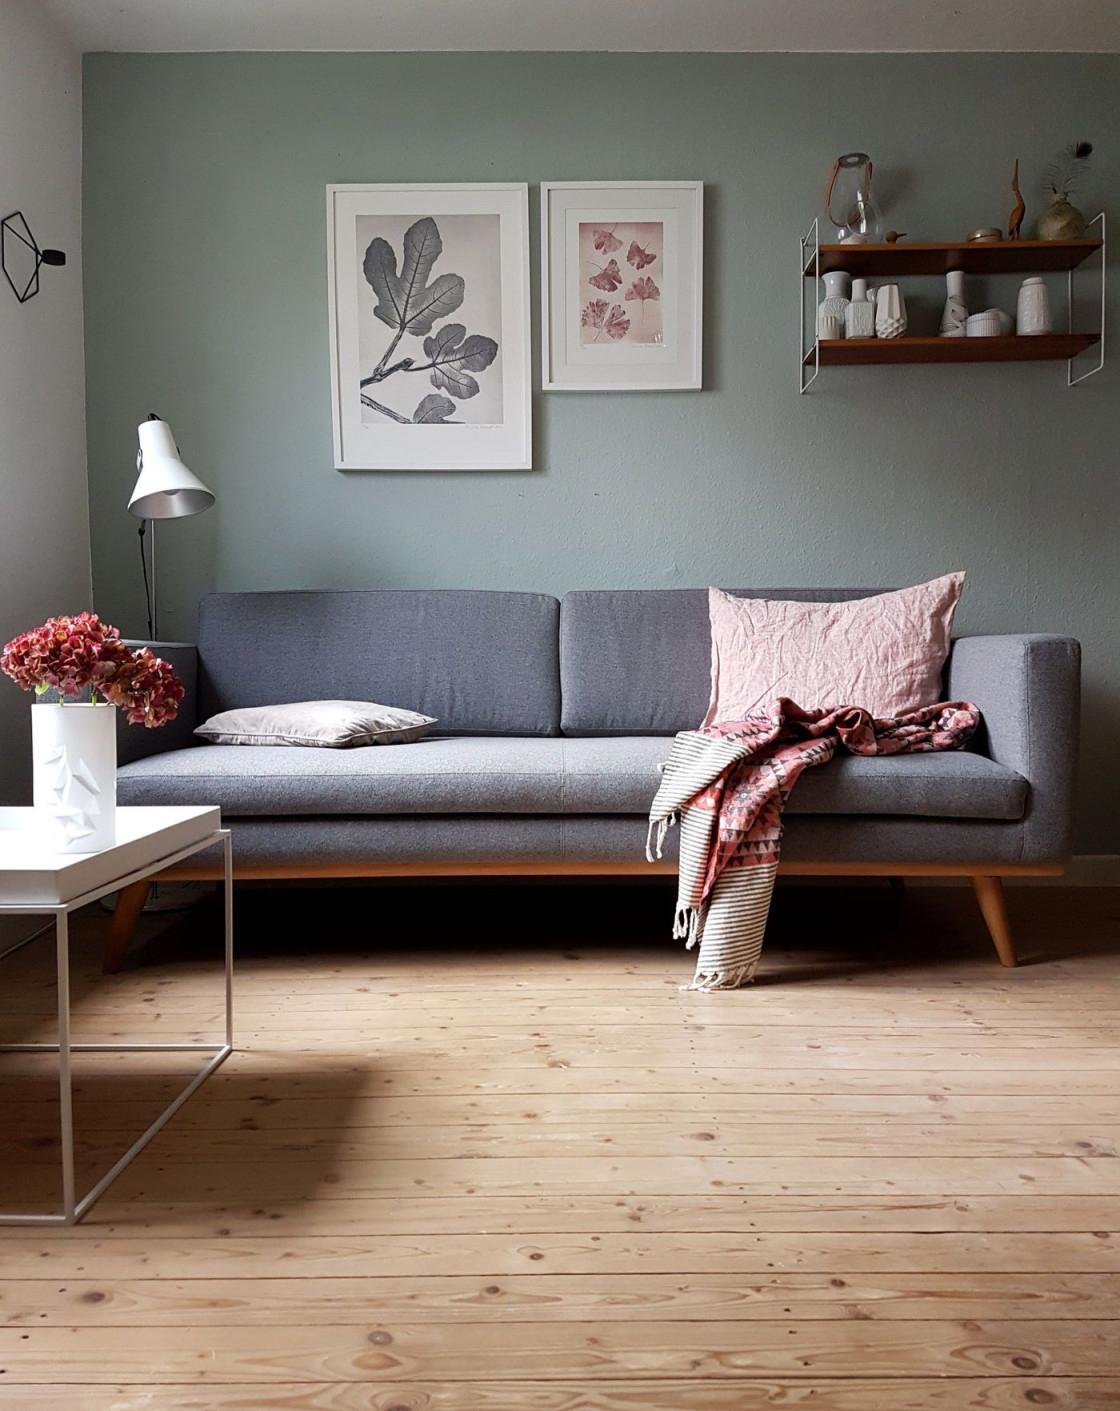 Wohnzimmer Die Schönsten Ideen von Ideen Gestaltung Wohnzimmer Bild